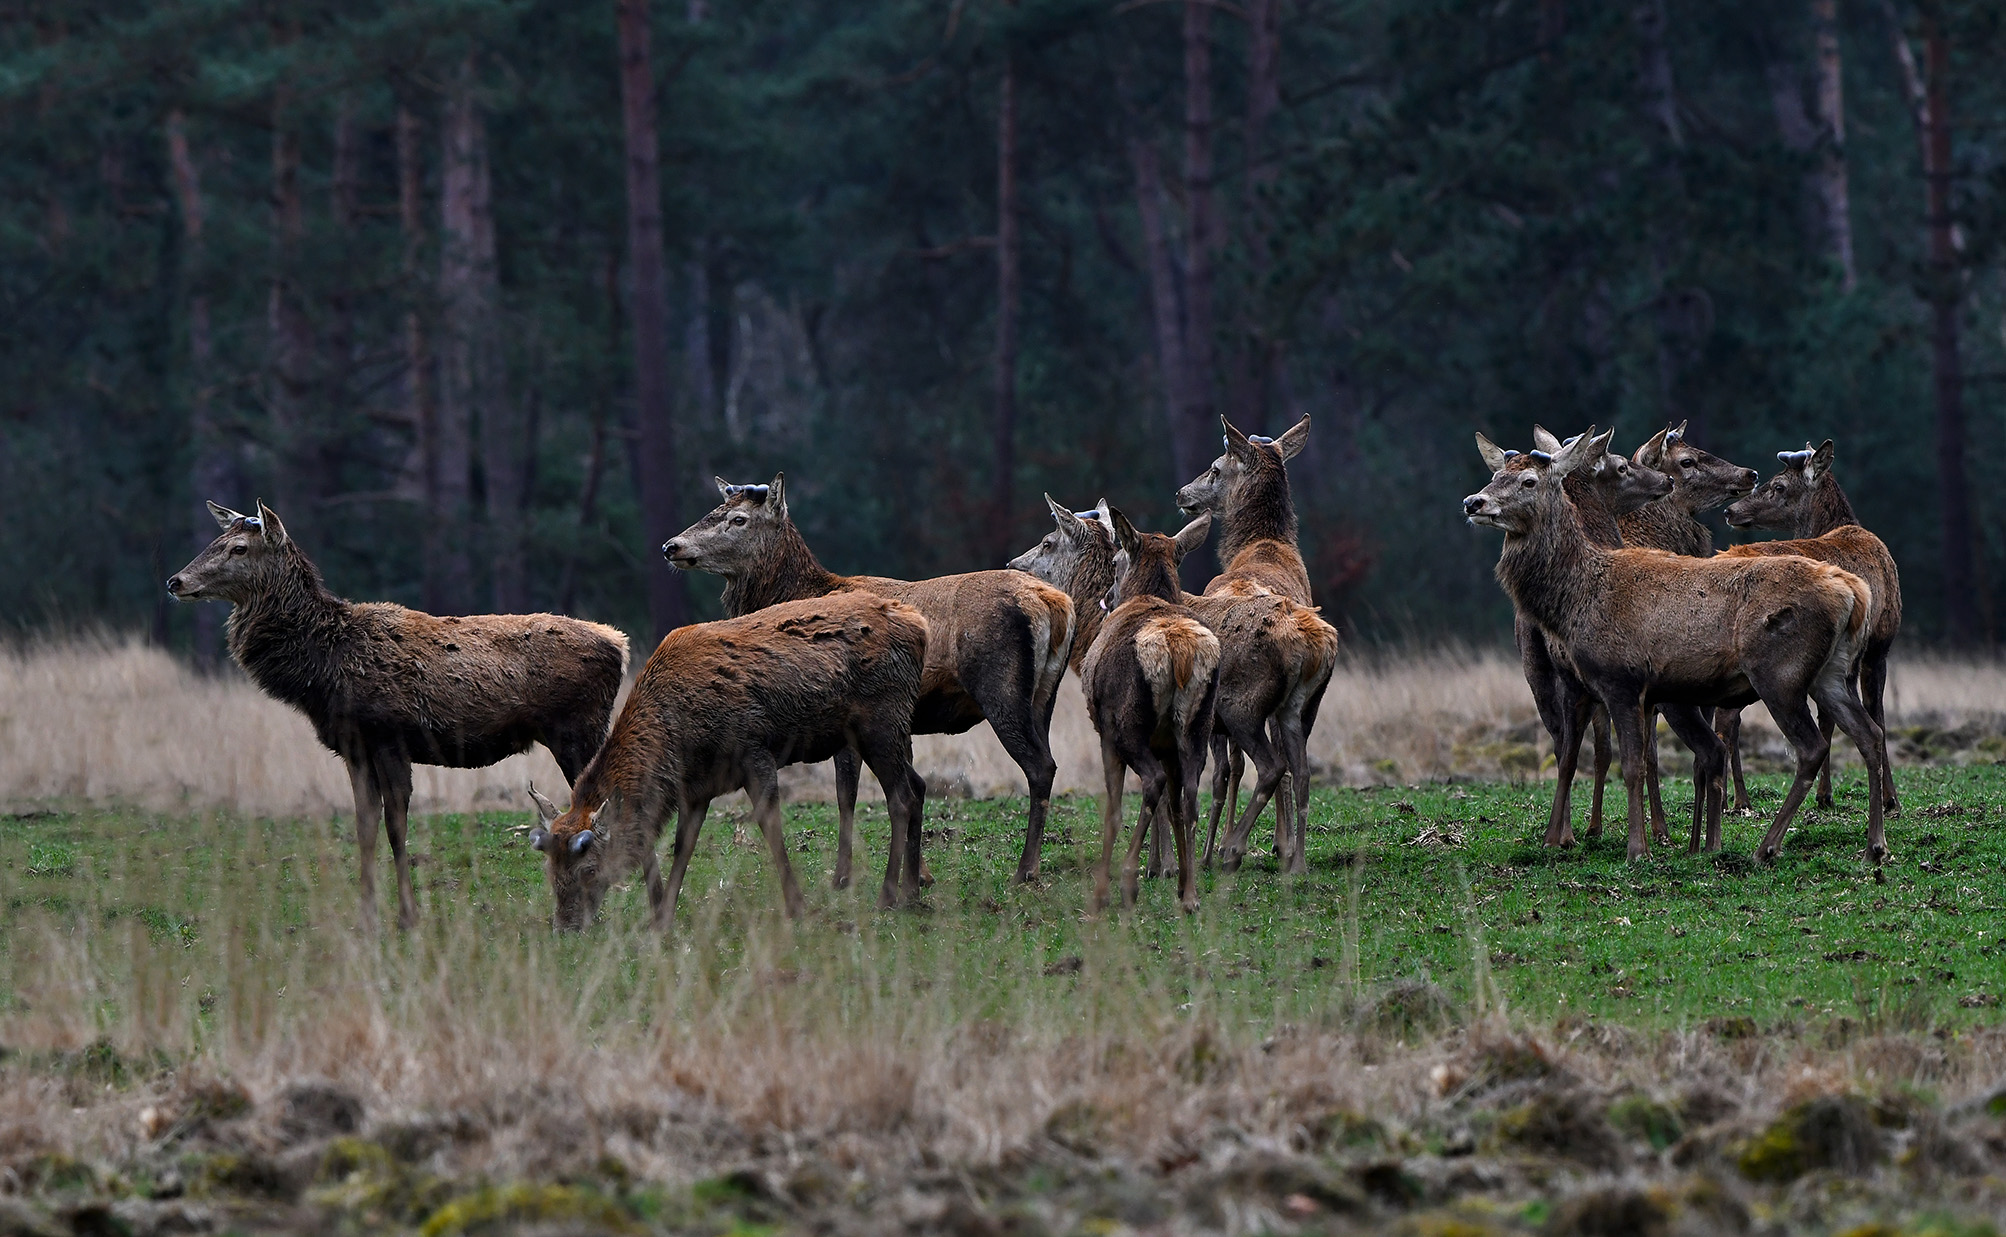 Zo staat het roedel 'kale' mannen om zich heen te kijken, het is maar een kale boel zo - Foto: © Louis Fraanje